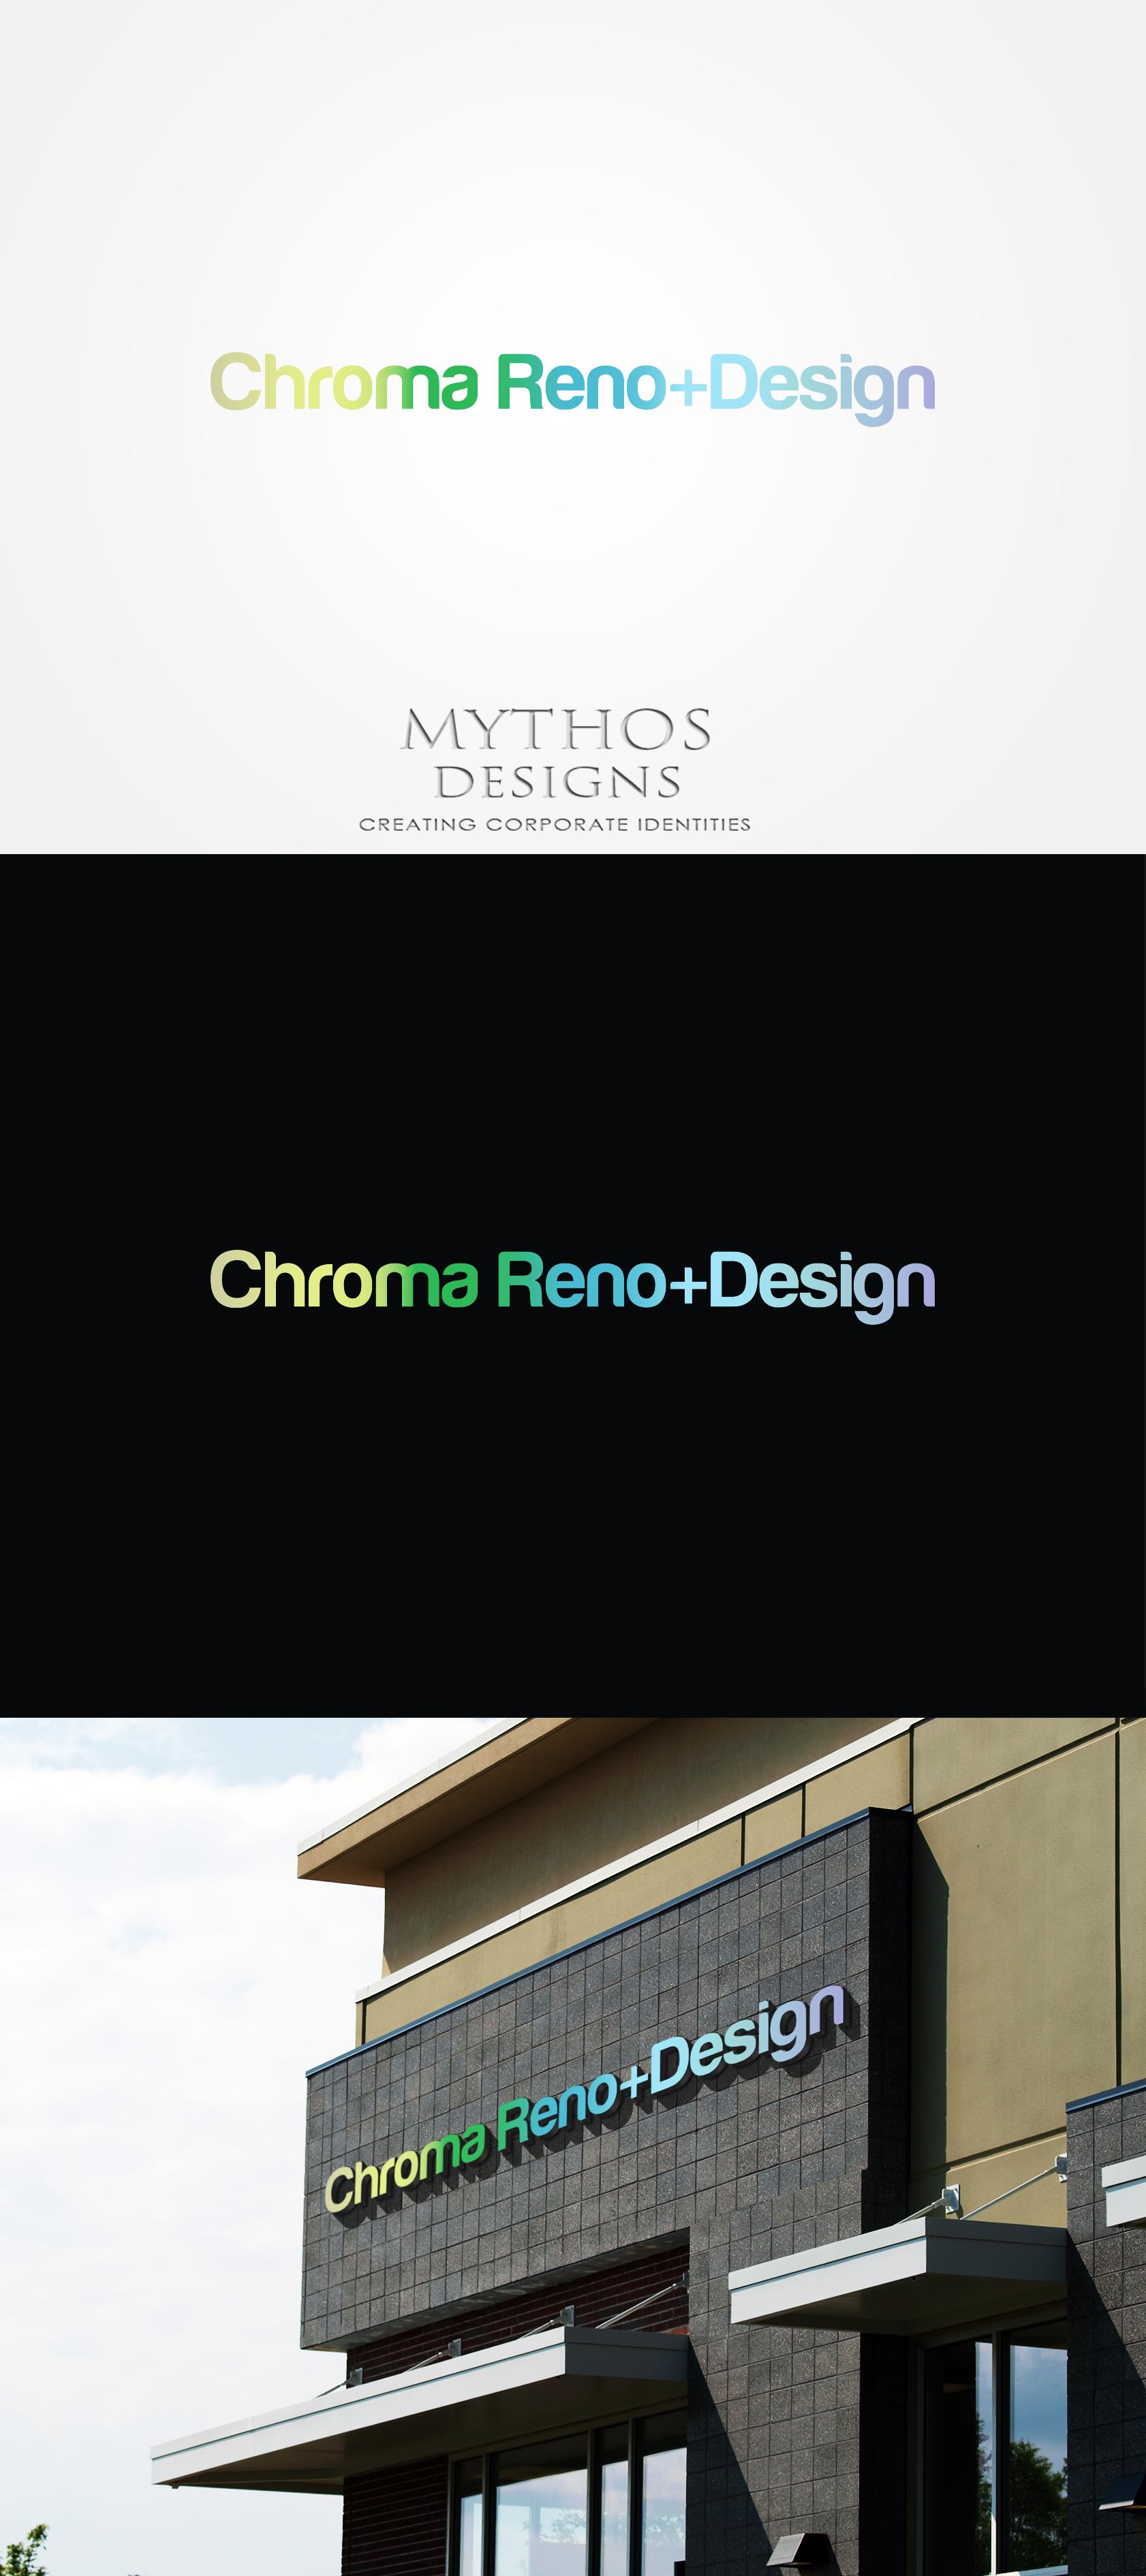 Logo Design by Mythos Designs - Entry No. 271 in the Logo Design Contest Inspiring Logo Design for Chroma Reno+Design.